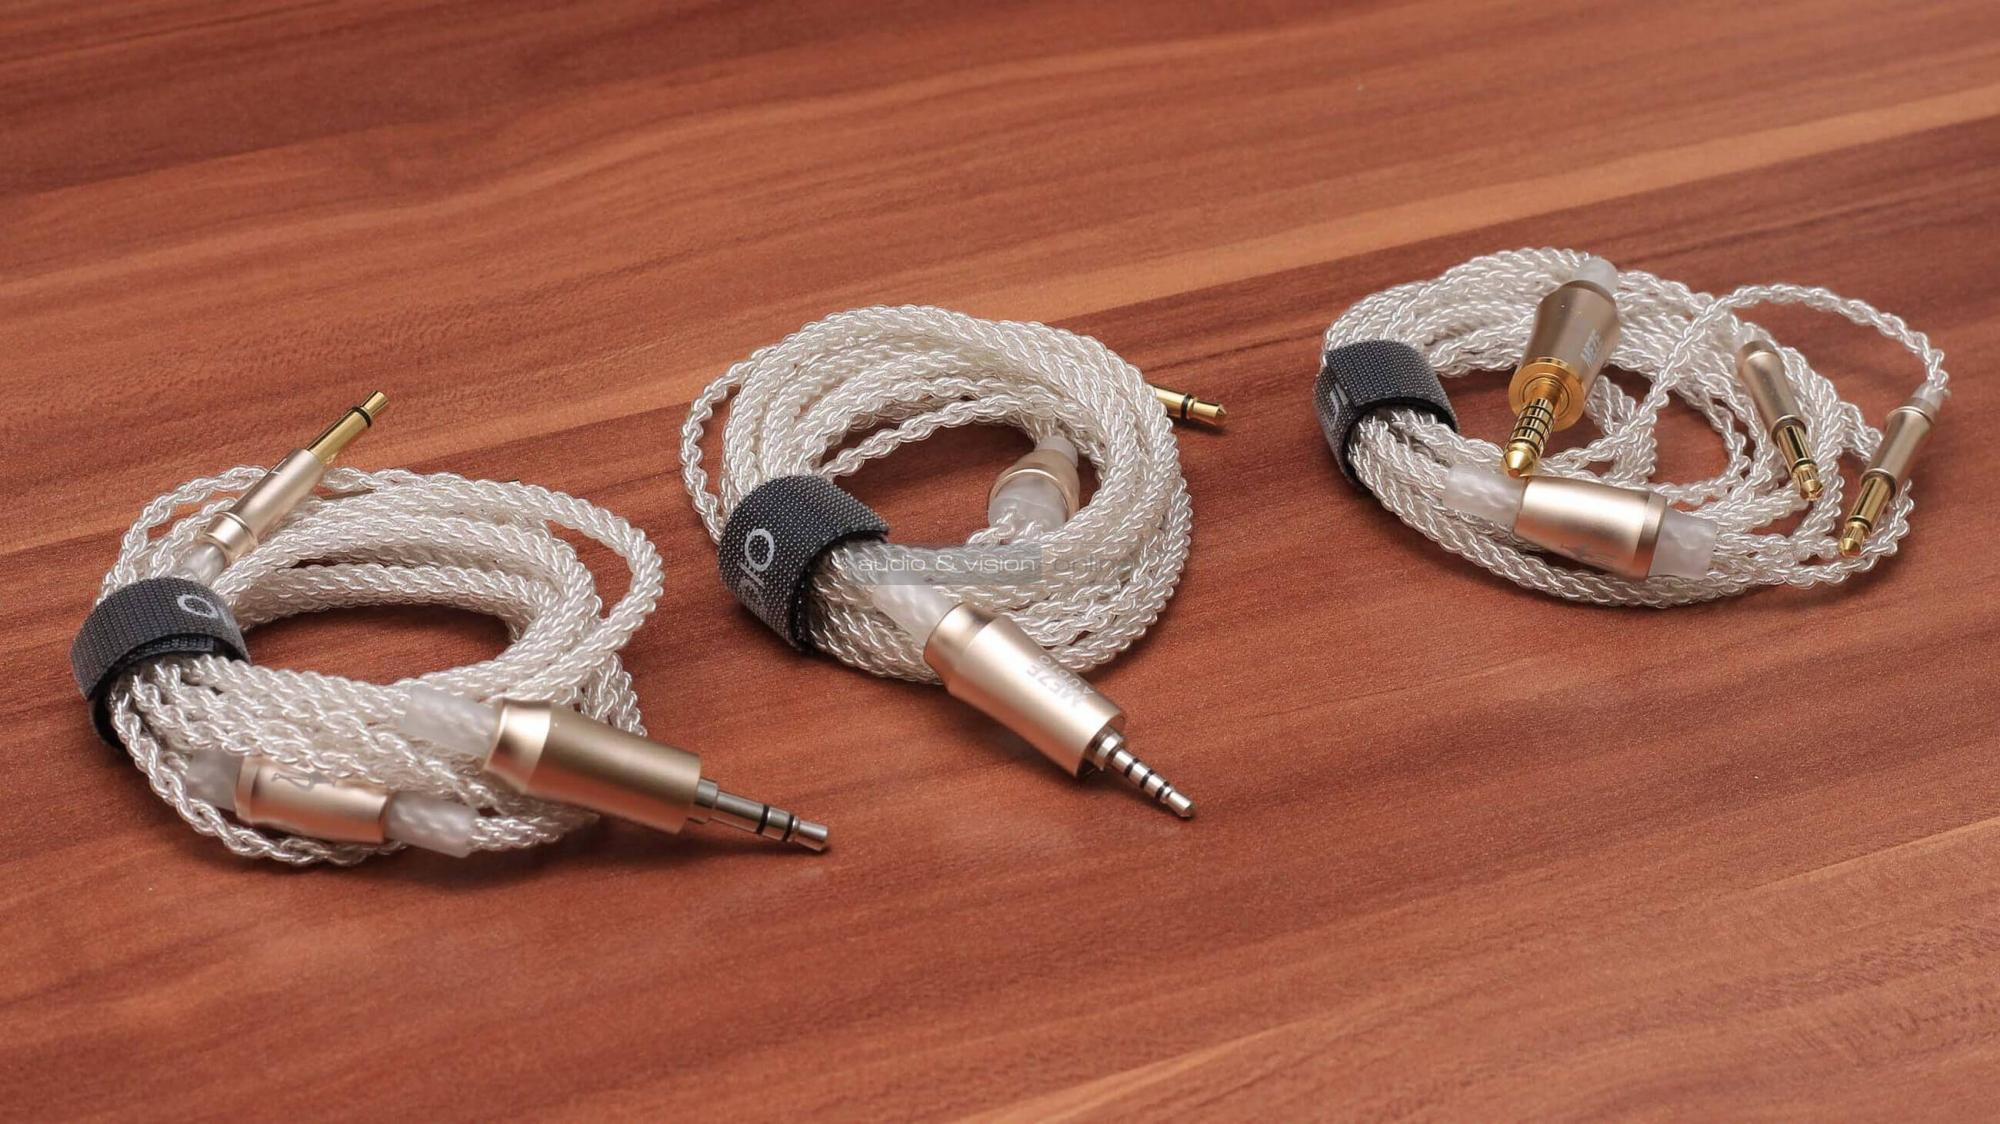 Meze 99 Series fejhallgató kábel teszt